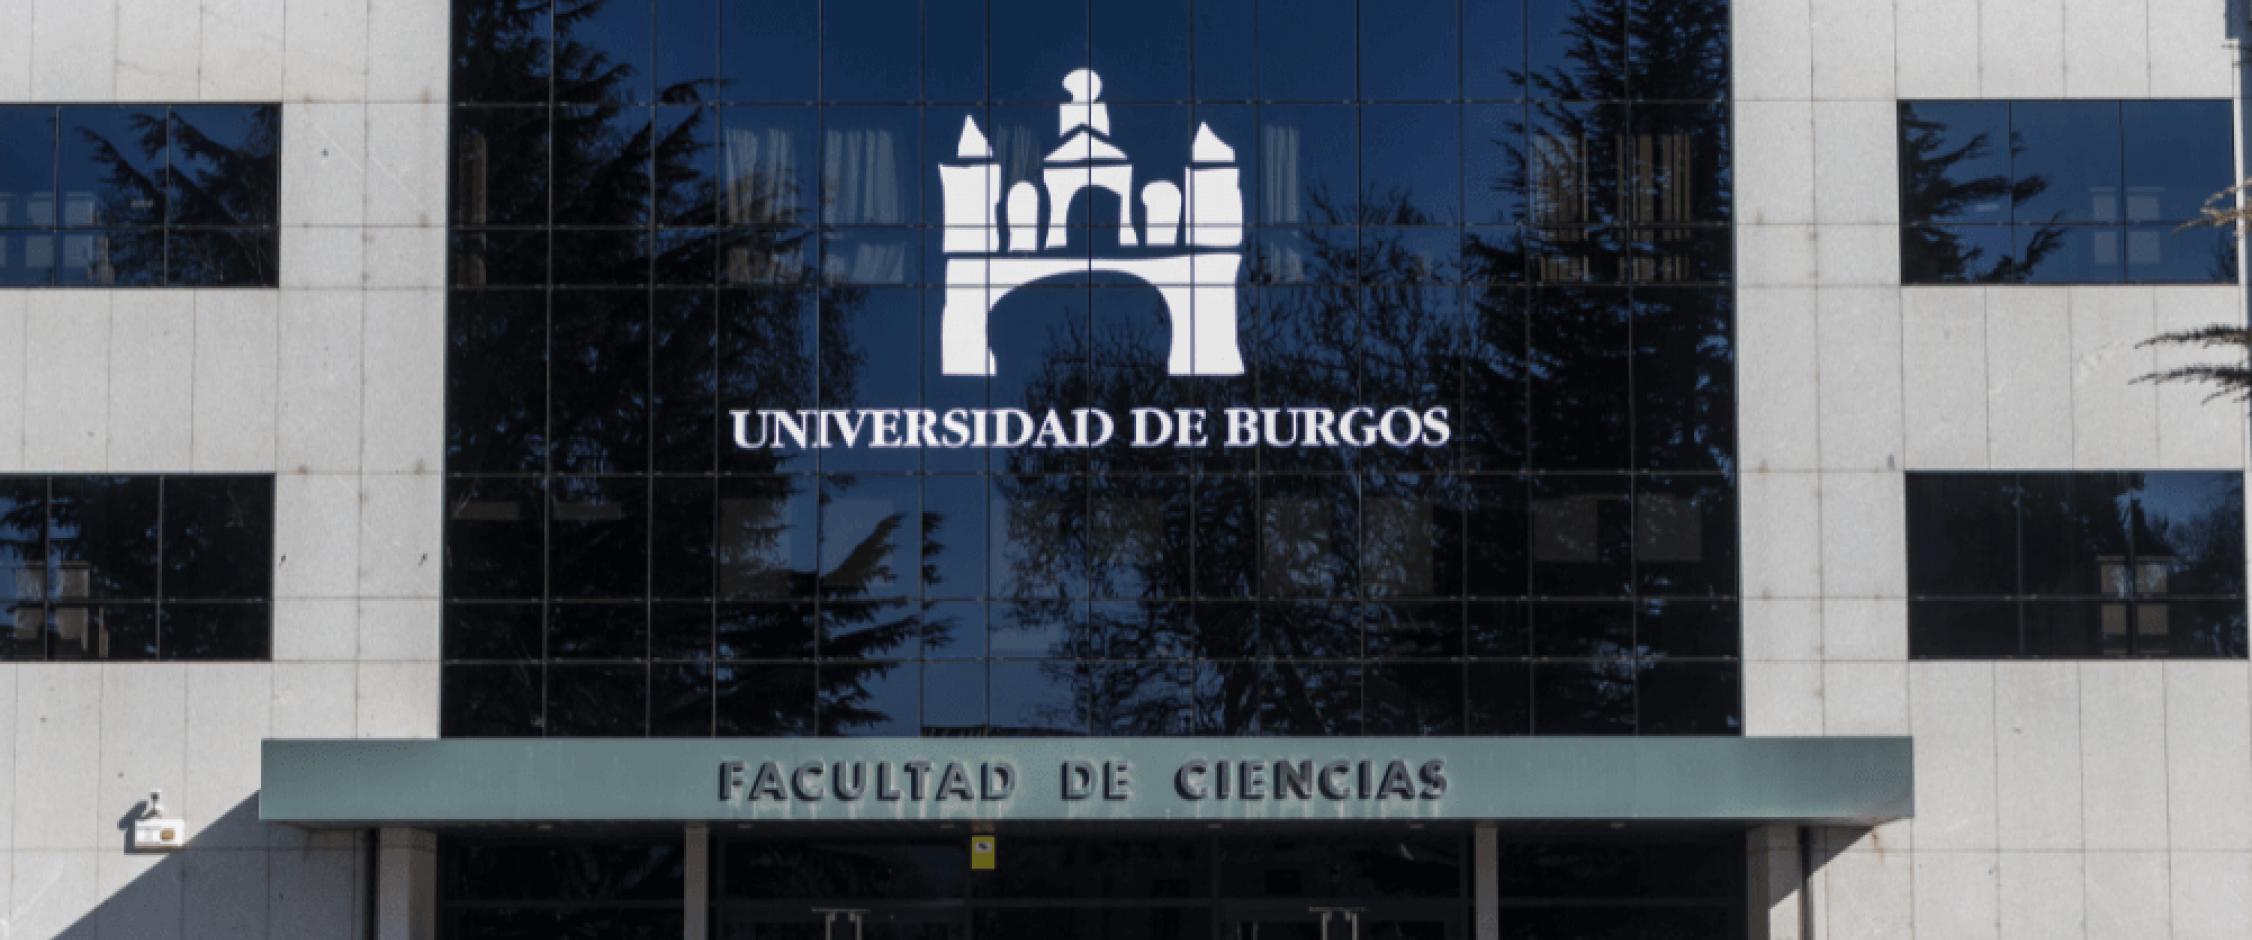 universidad-burgos-2